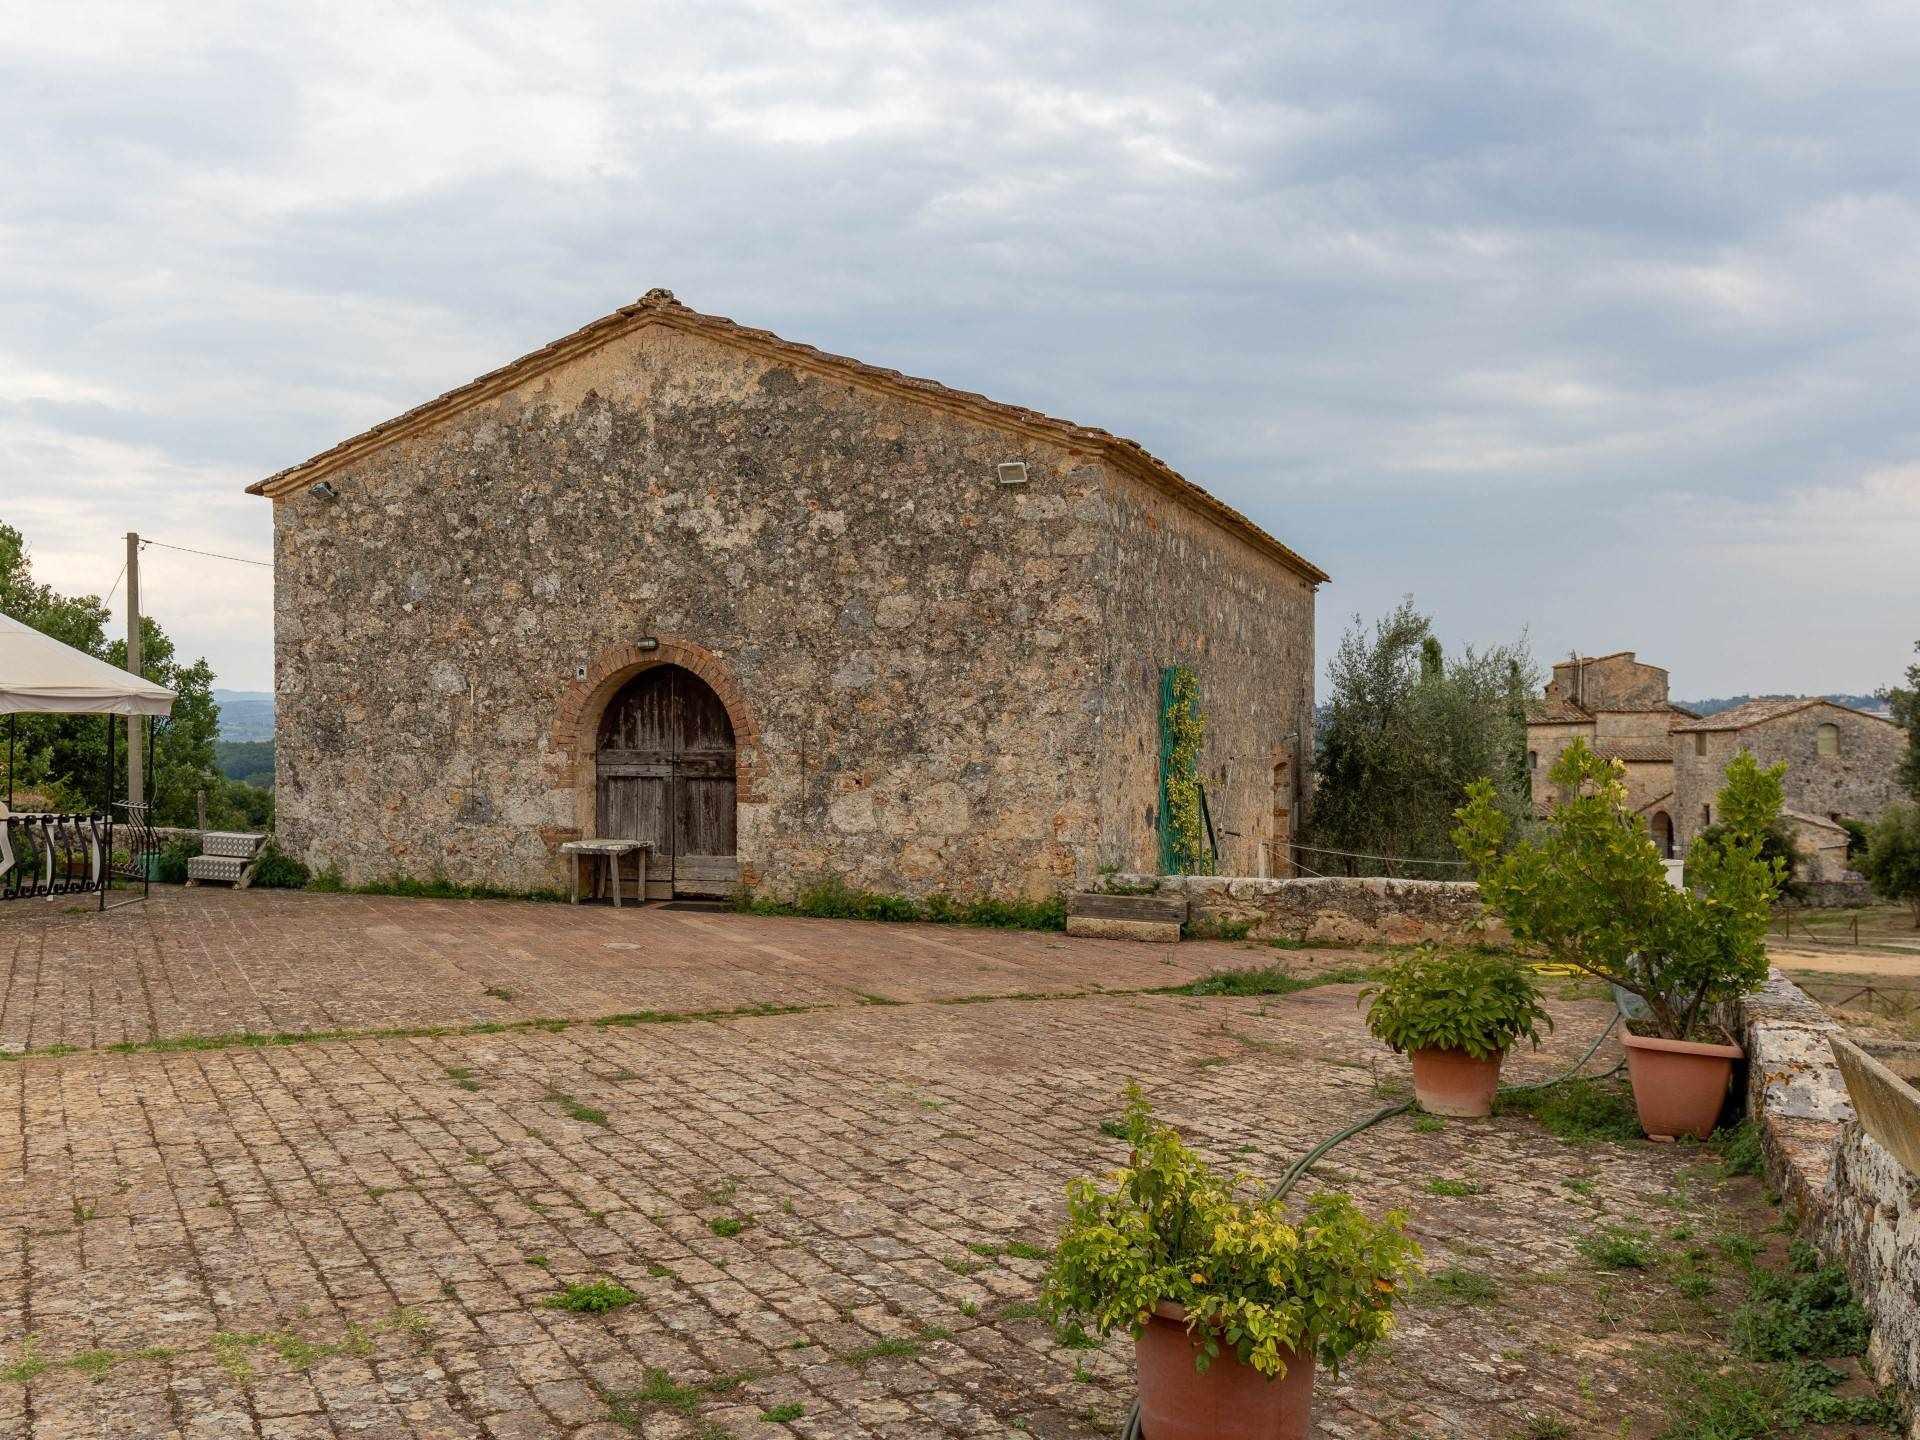 Il sogno di molti, una capanna indipendente con aia, giardino ed ulivi a soli 5 km da Siena in posizione alta e panoramica a due passi dal Castello